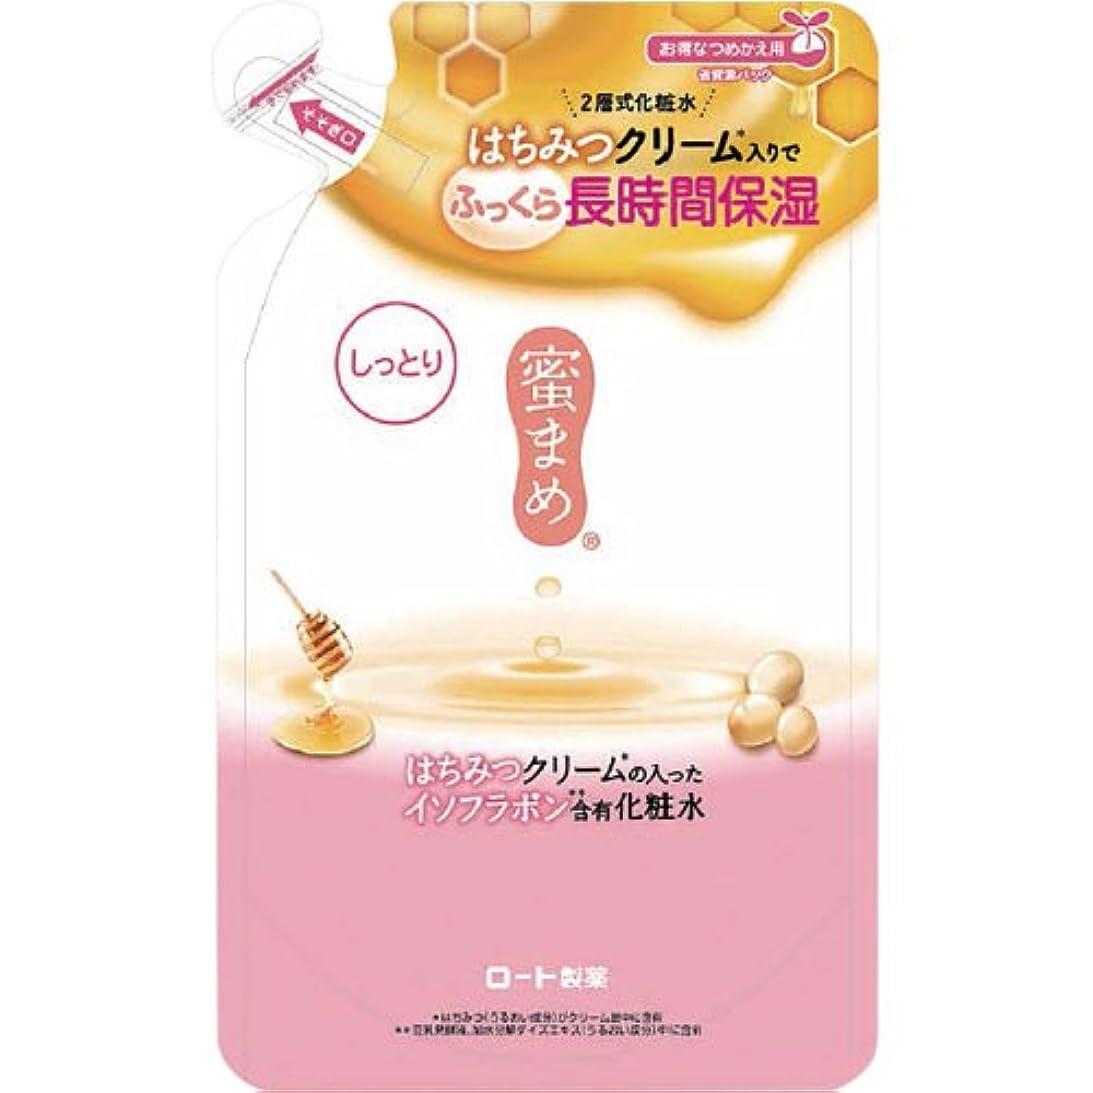 鉛匿名関与する蜜まめ 合わせ化粧水 (しっとり) (つめかえ用) 180mL